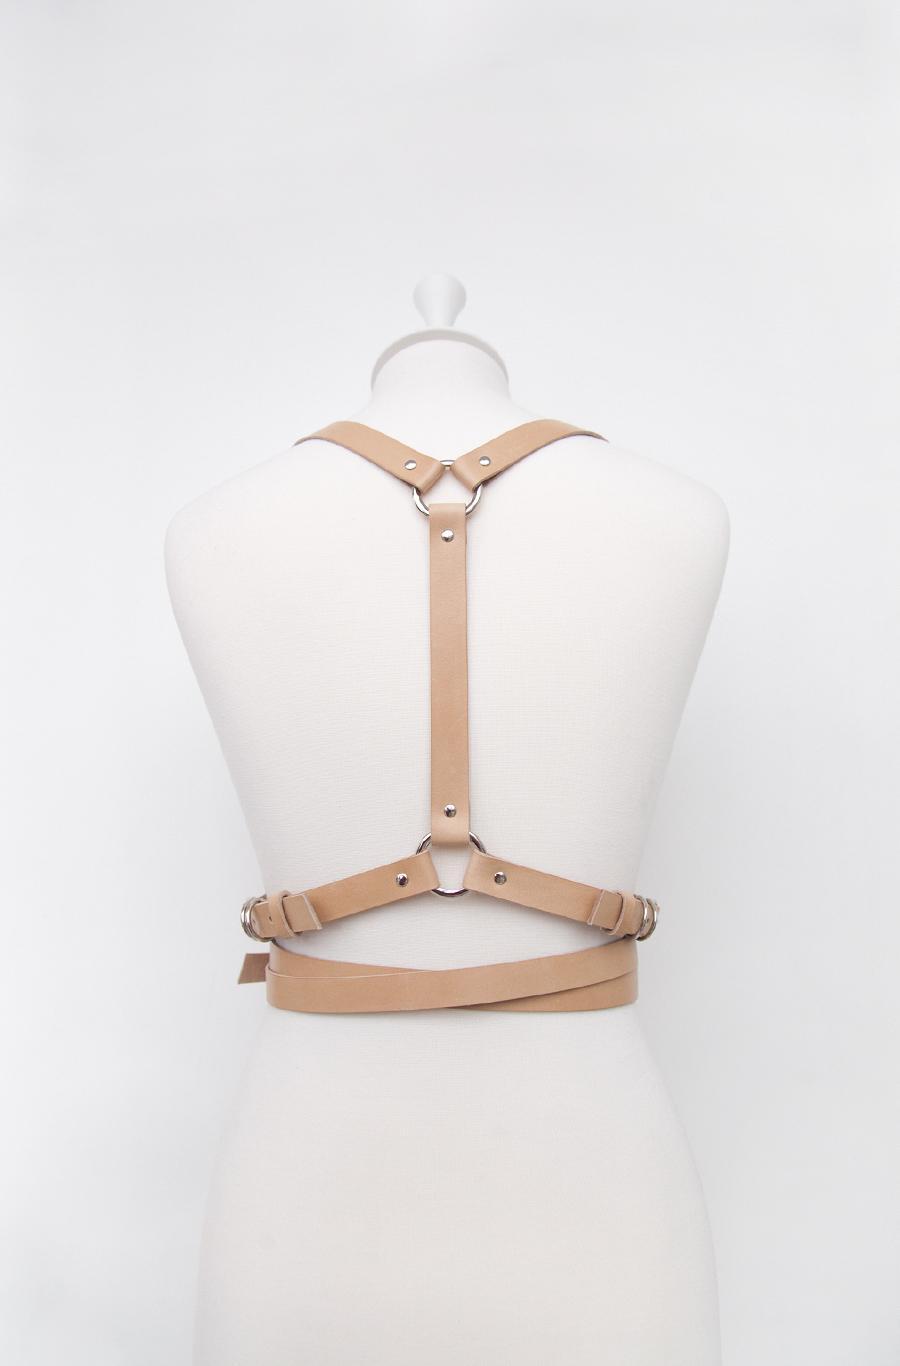 портупея, купить портупею, натуральная кожа, кожаная портупея, harness, leather harness